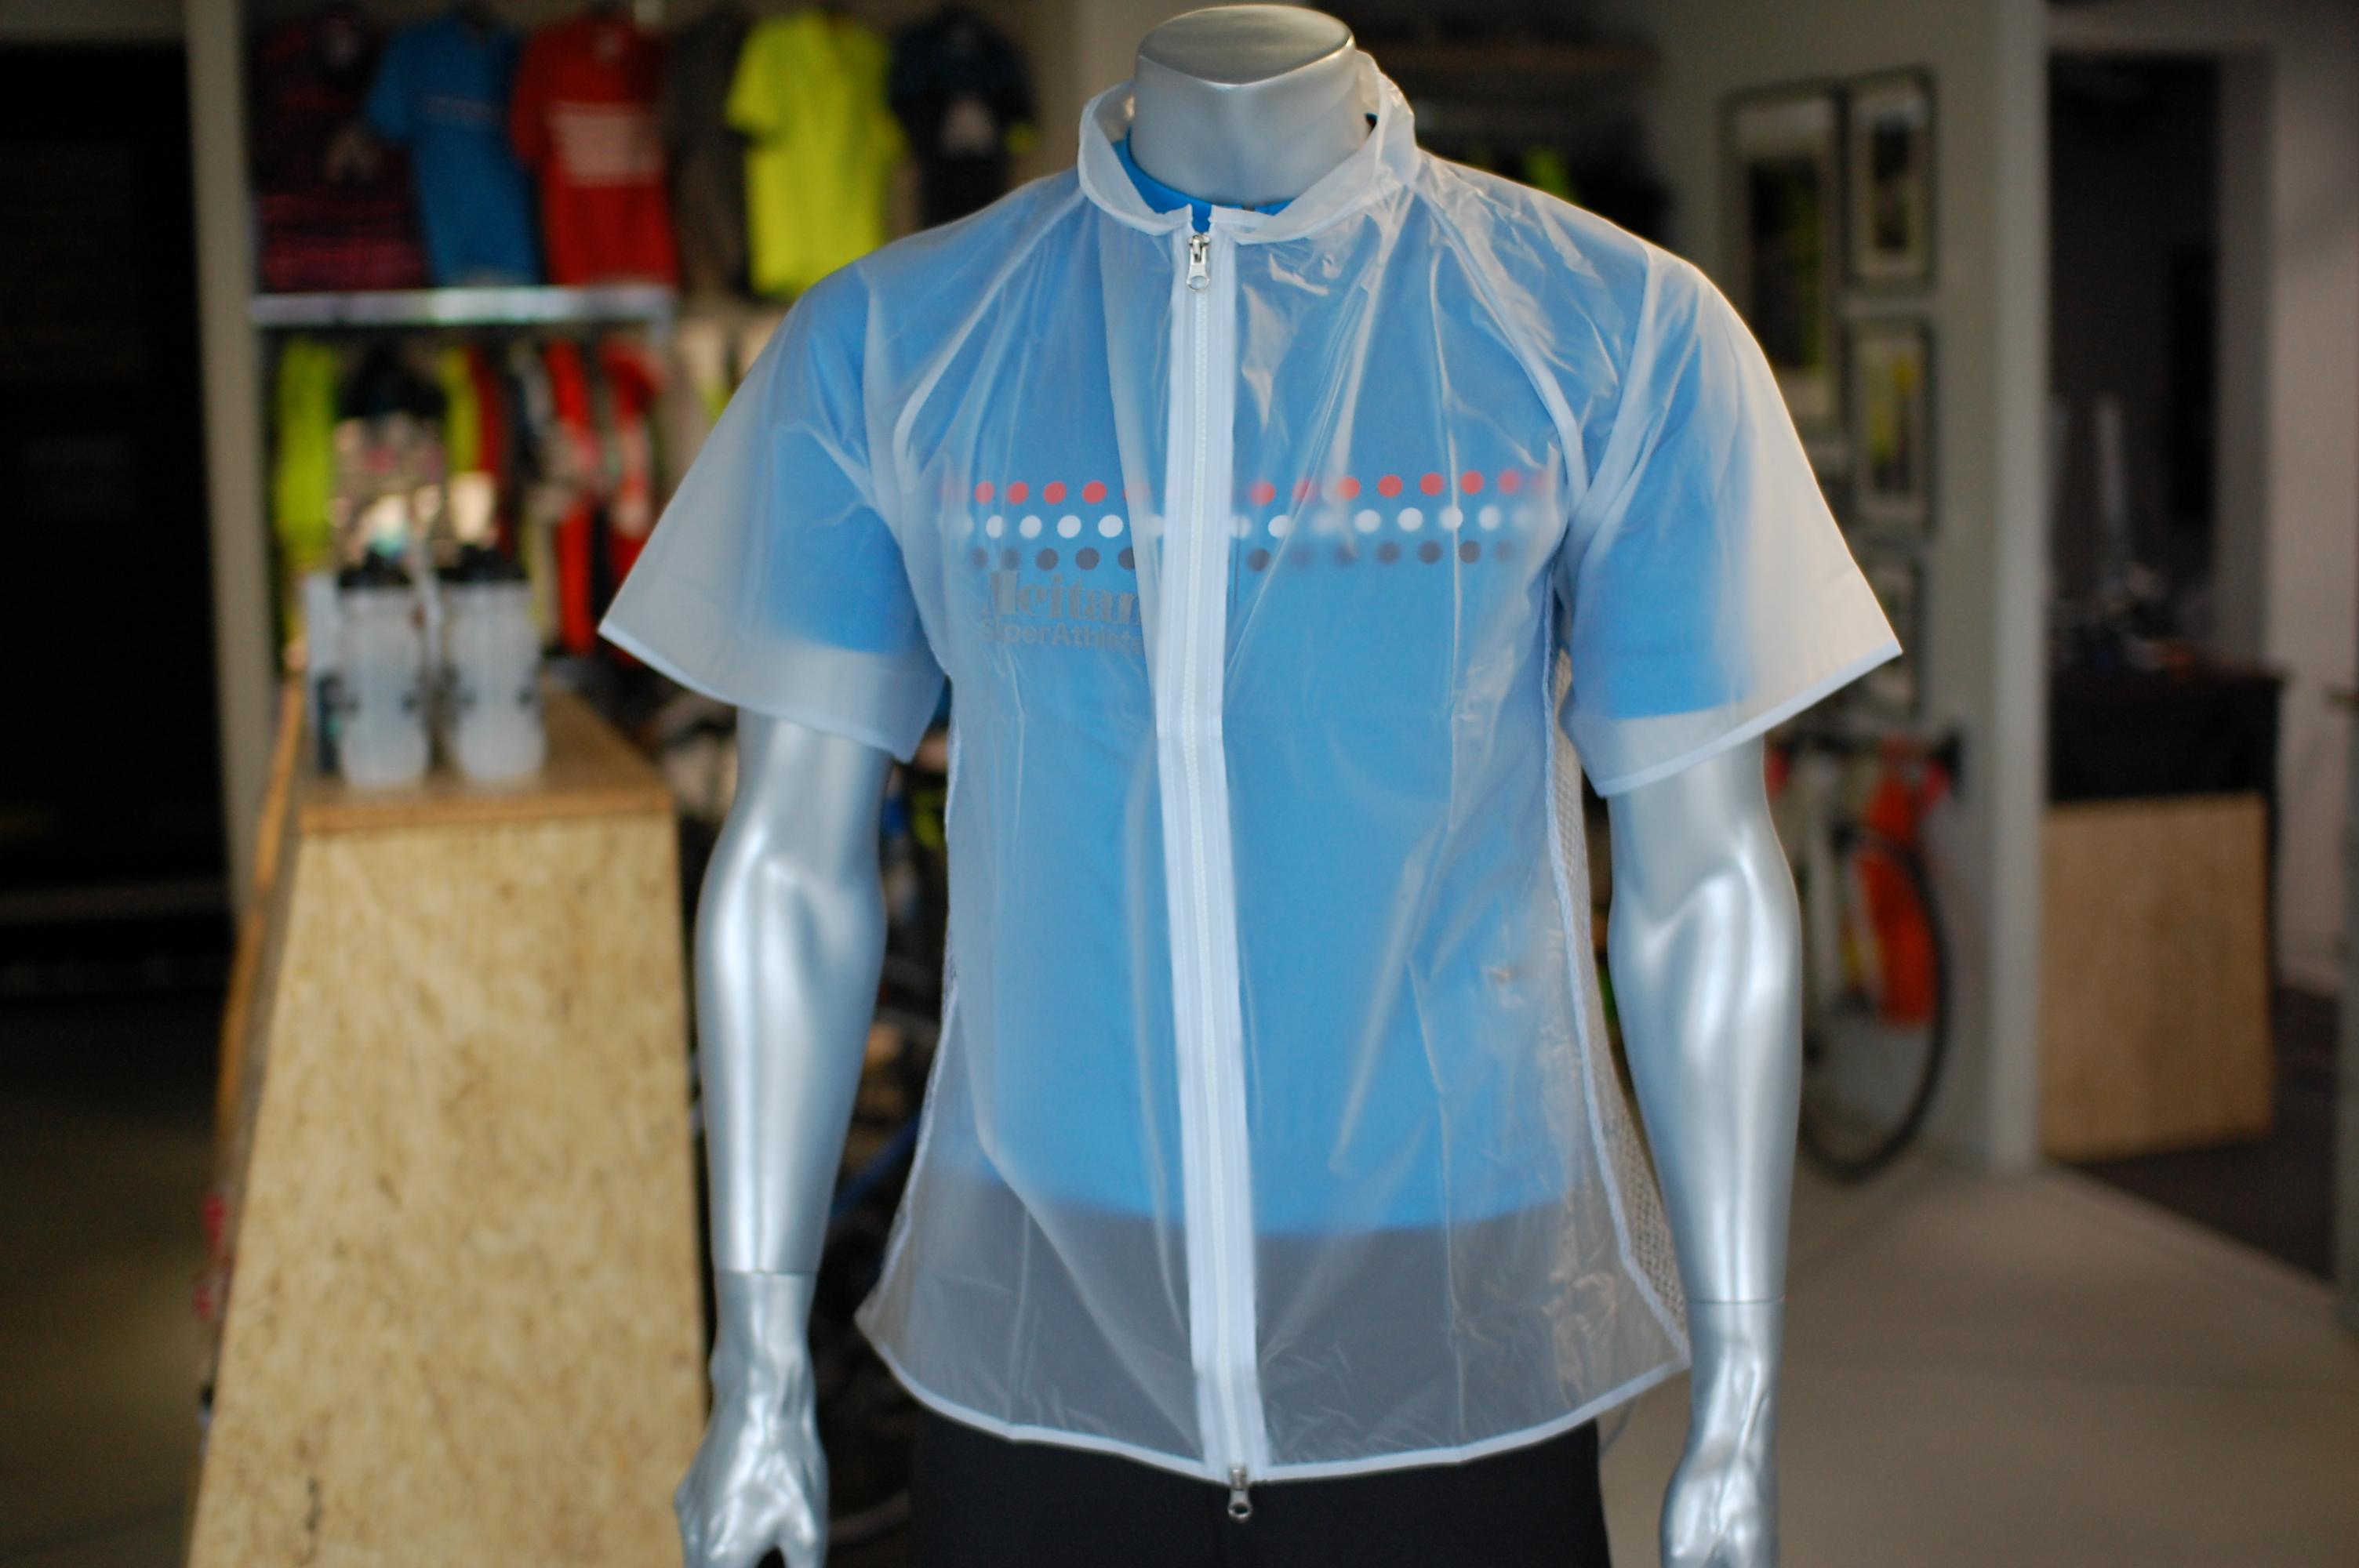 梅雨の時期もガンガン走っちゃう!そんなサイクリストにおススメ、急に降り出した雨も怖くない【Meitan 半袖レインウェア】